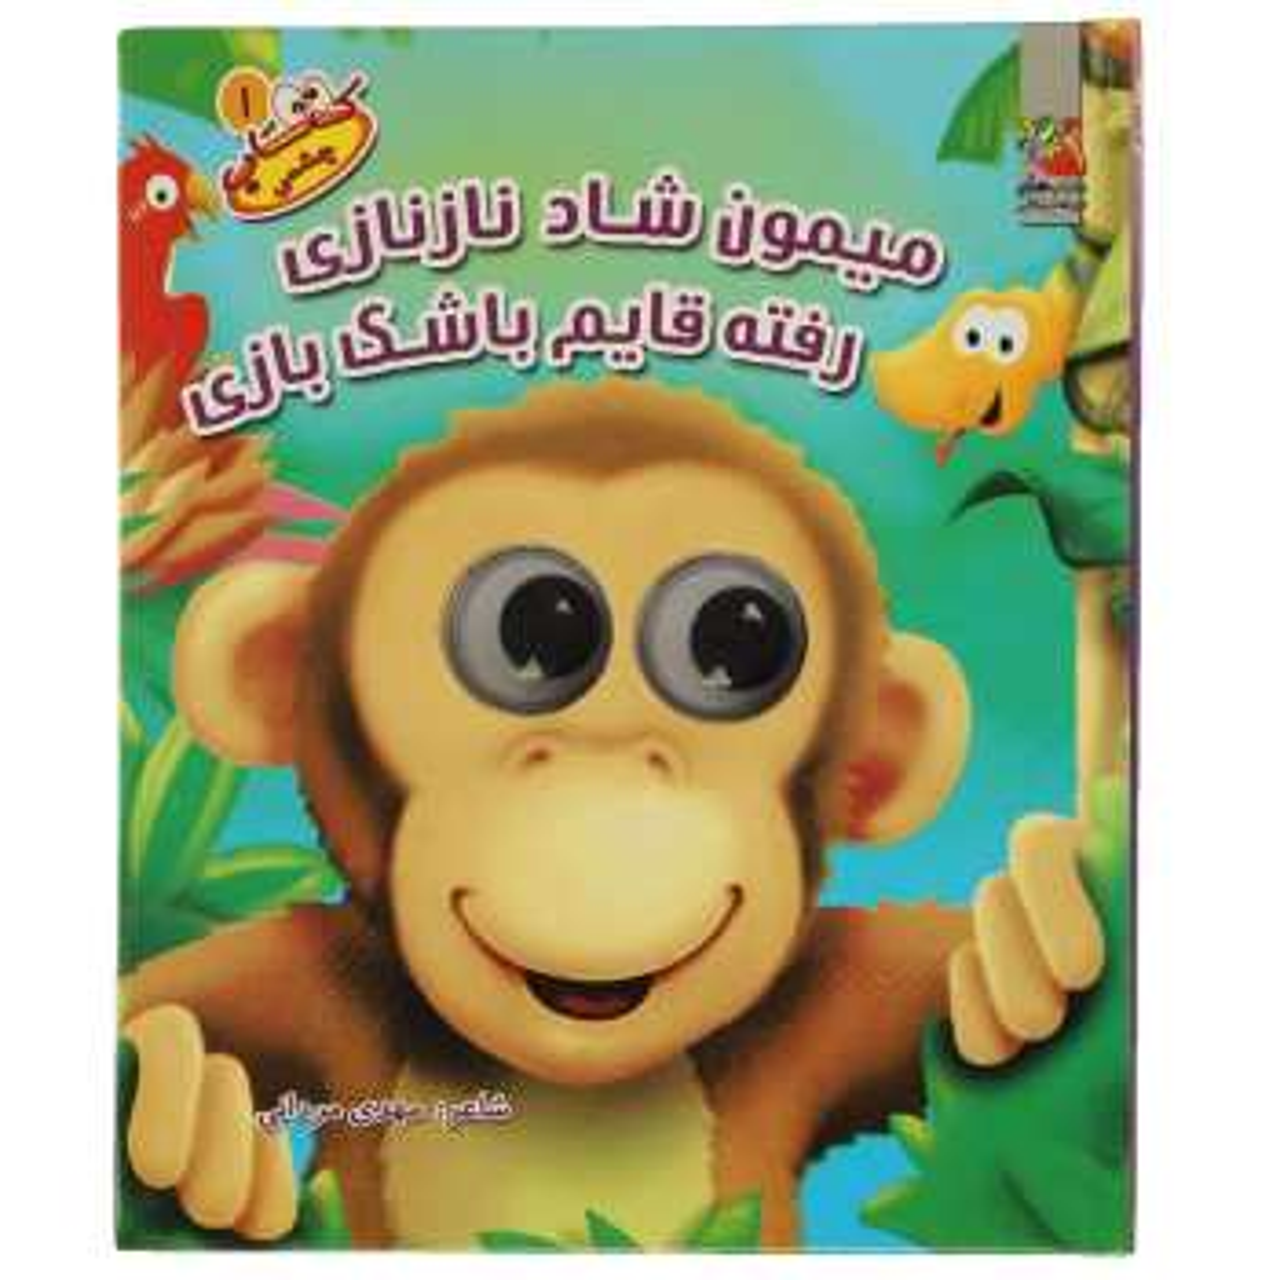 کتاب چشمی میمون شاد نازنازی اثر بن آدامز